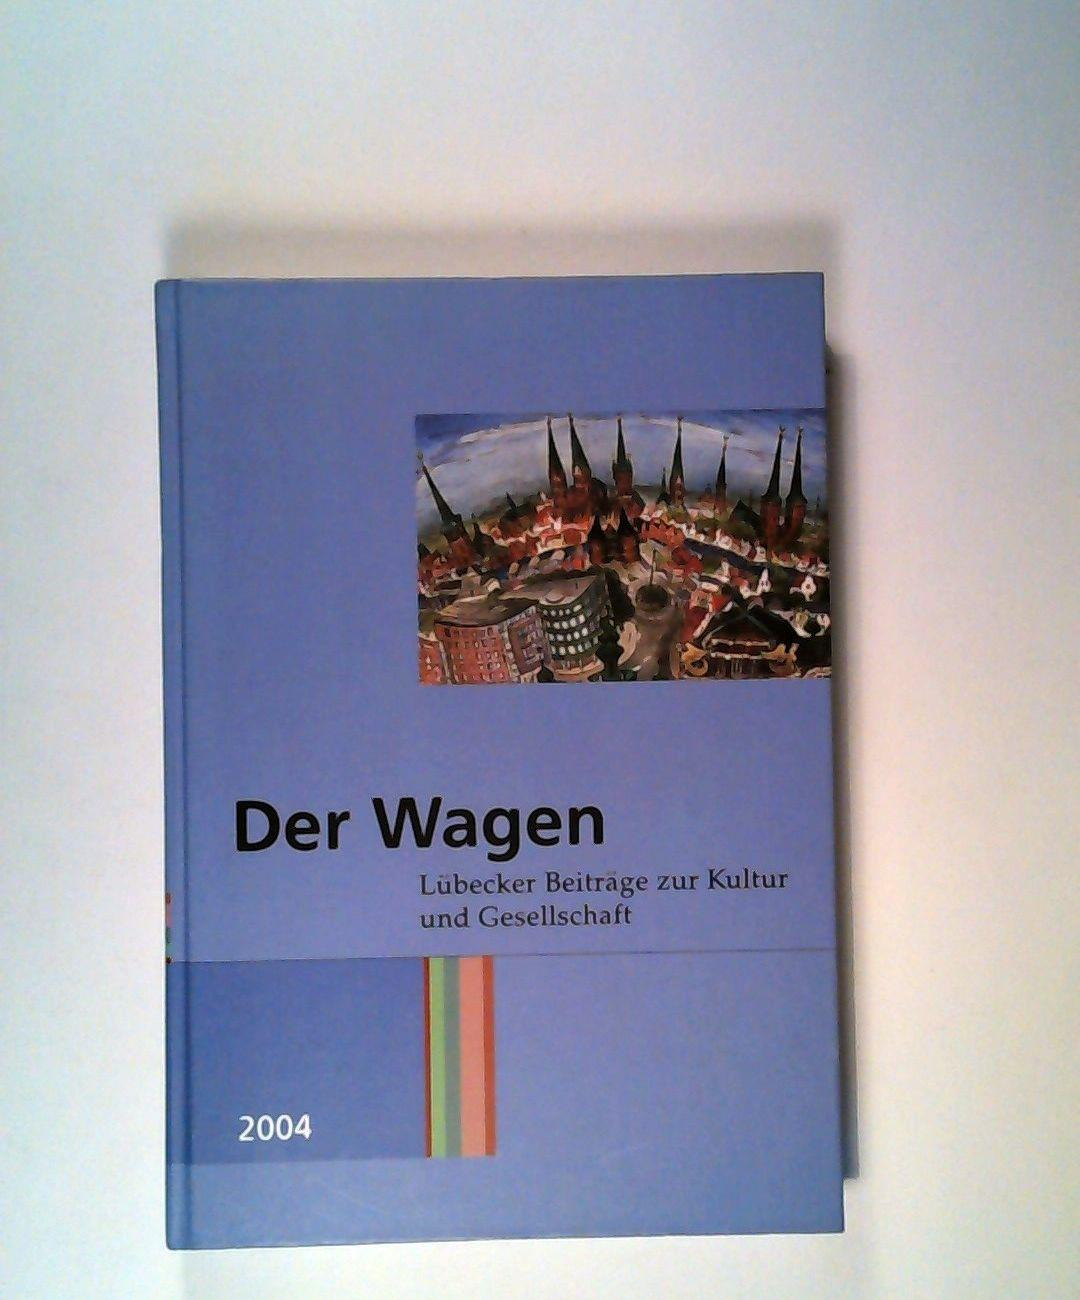 Der Wagen: 2004 Lübecker Beiträge zur Kultur: Bruns, Alken: